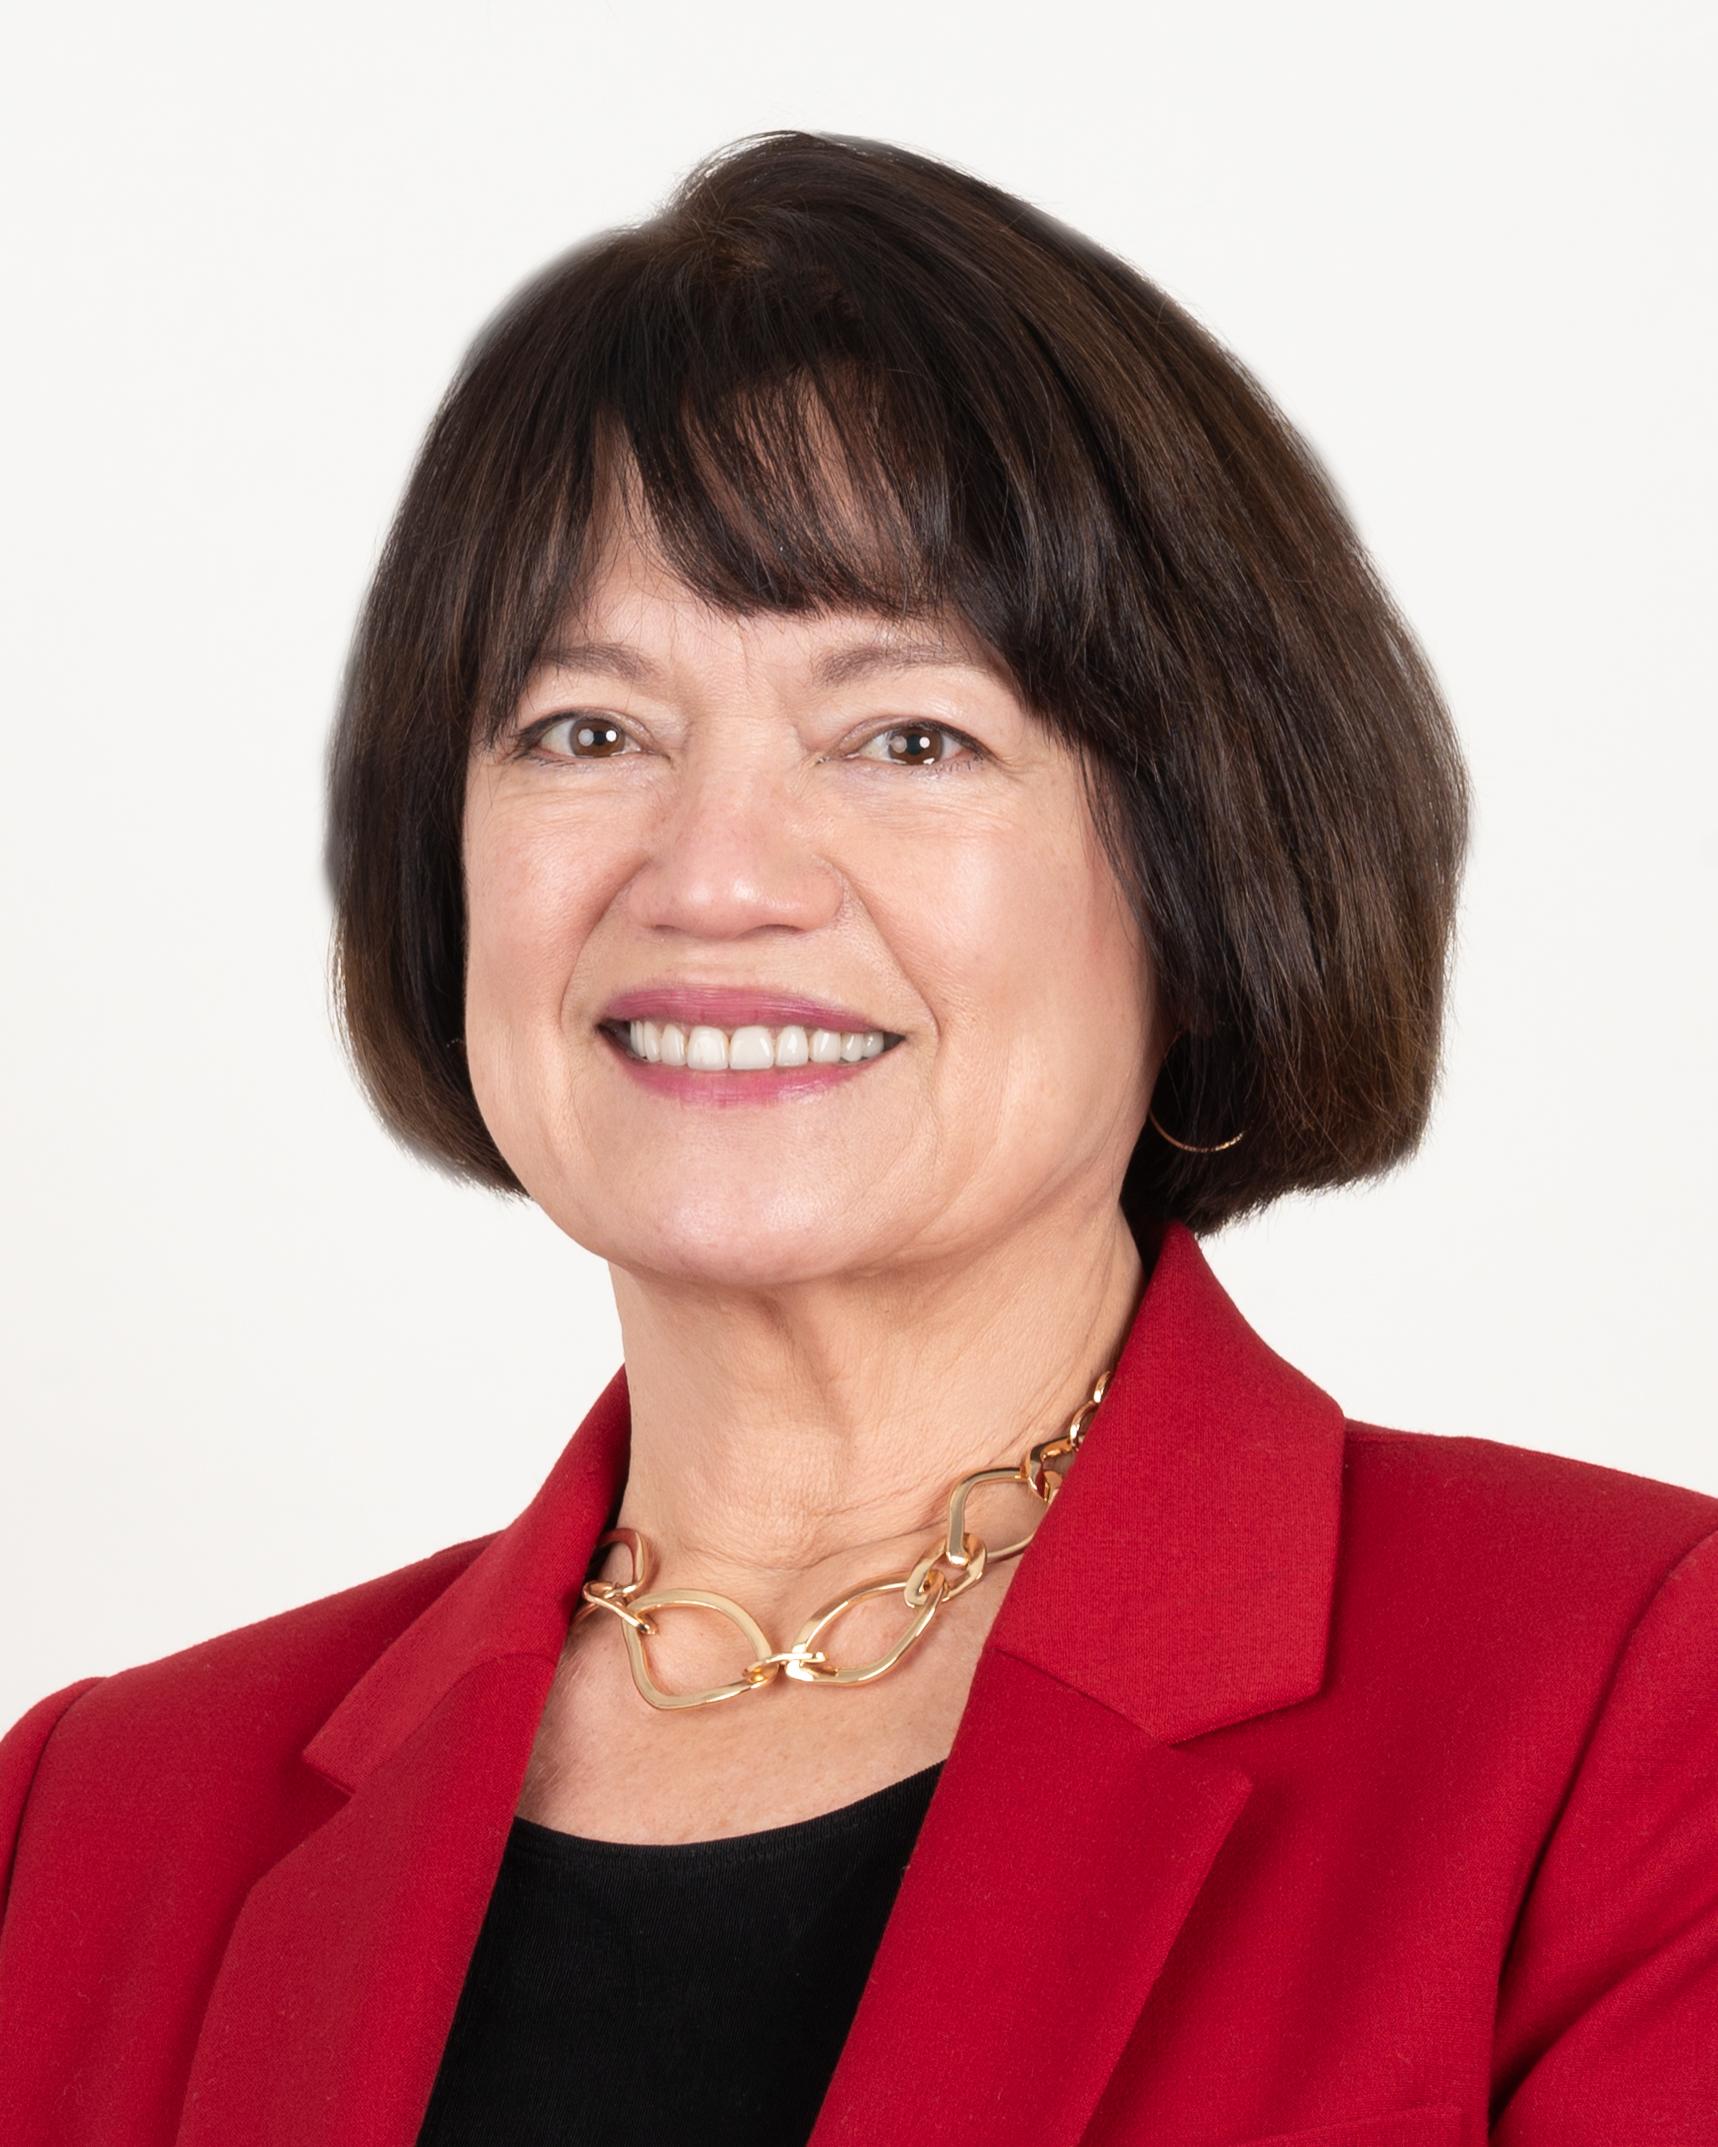 Sara Bertomen